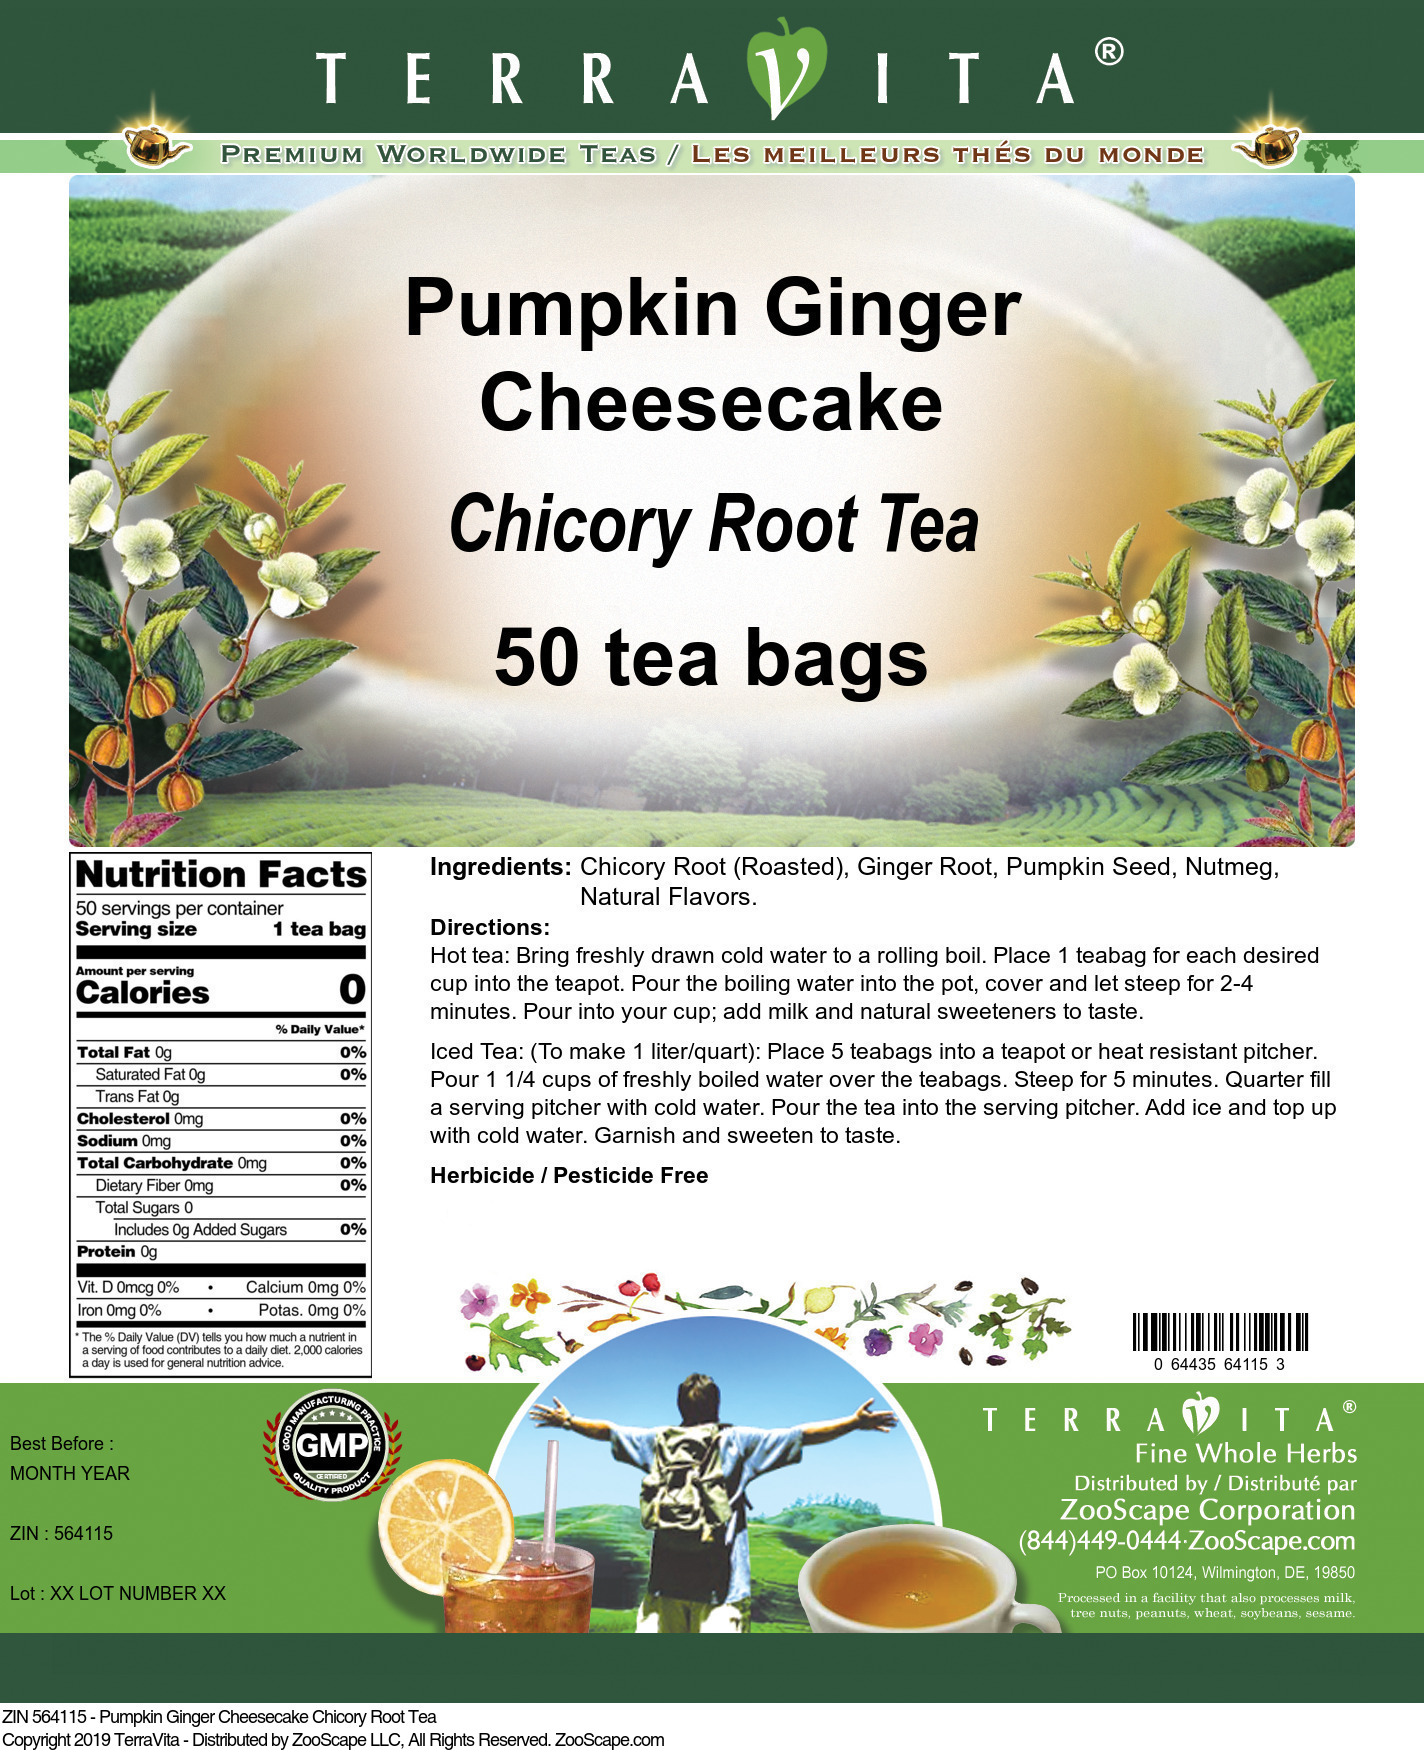 Pumpkin Ginger Cheesecake Chicory Root